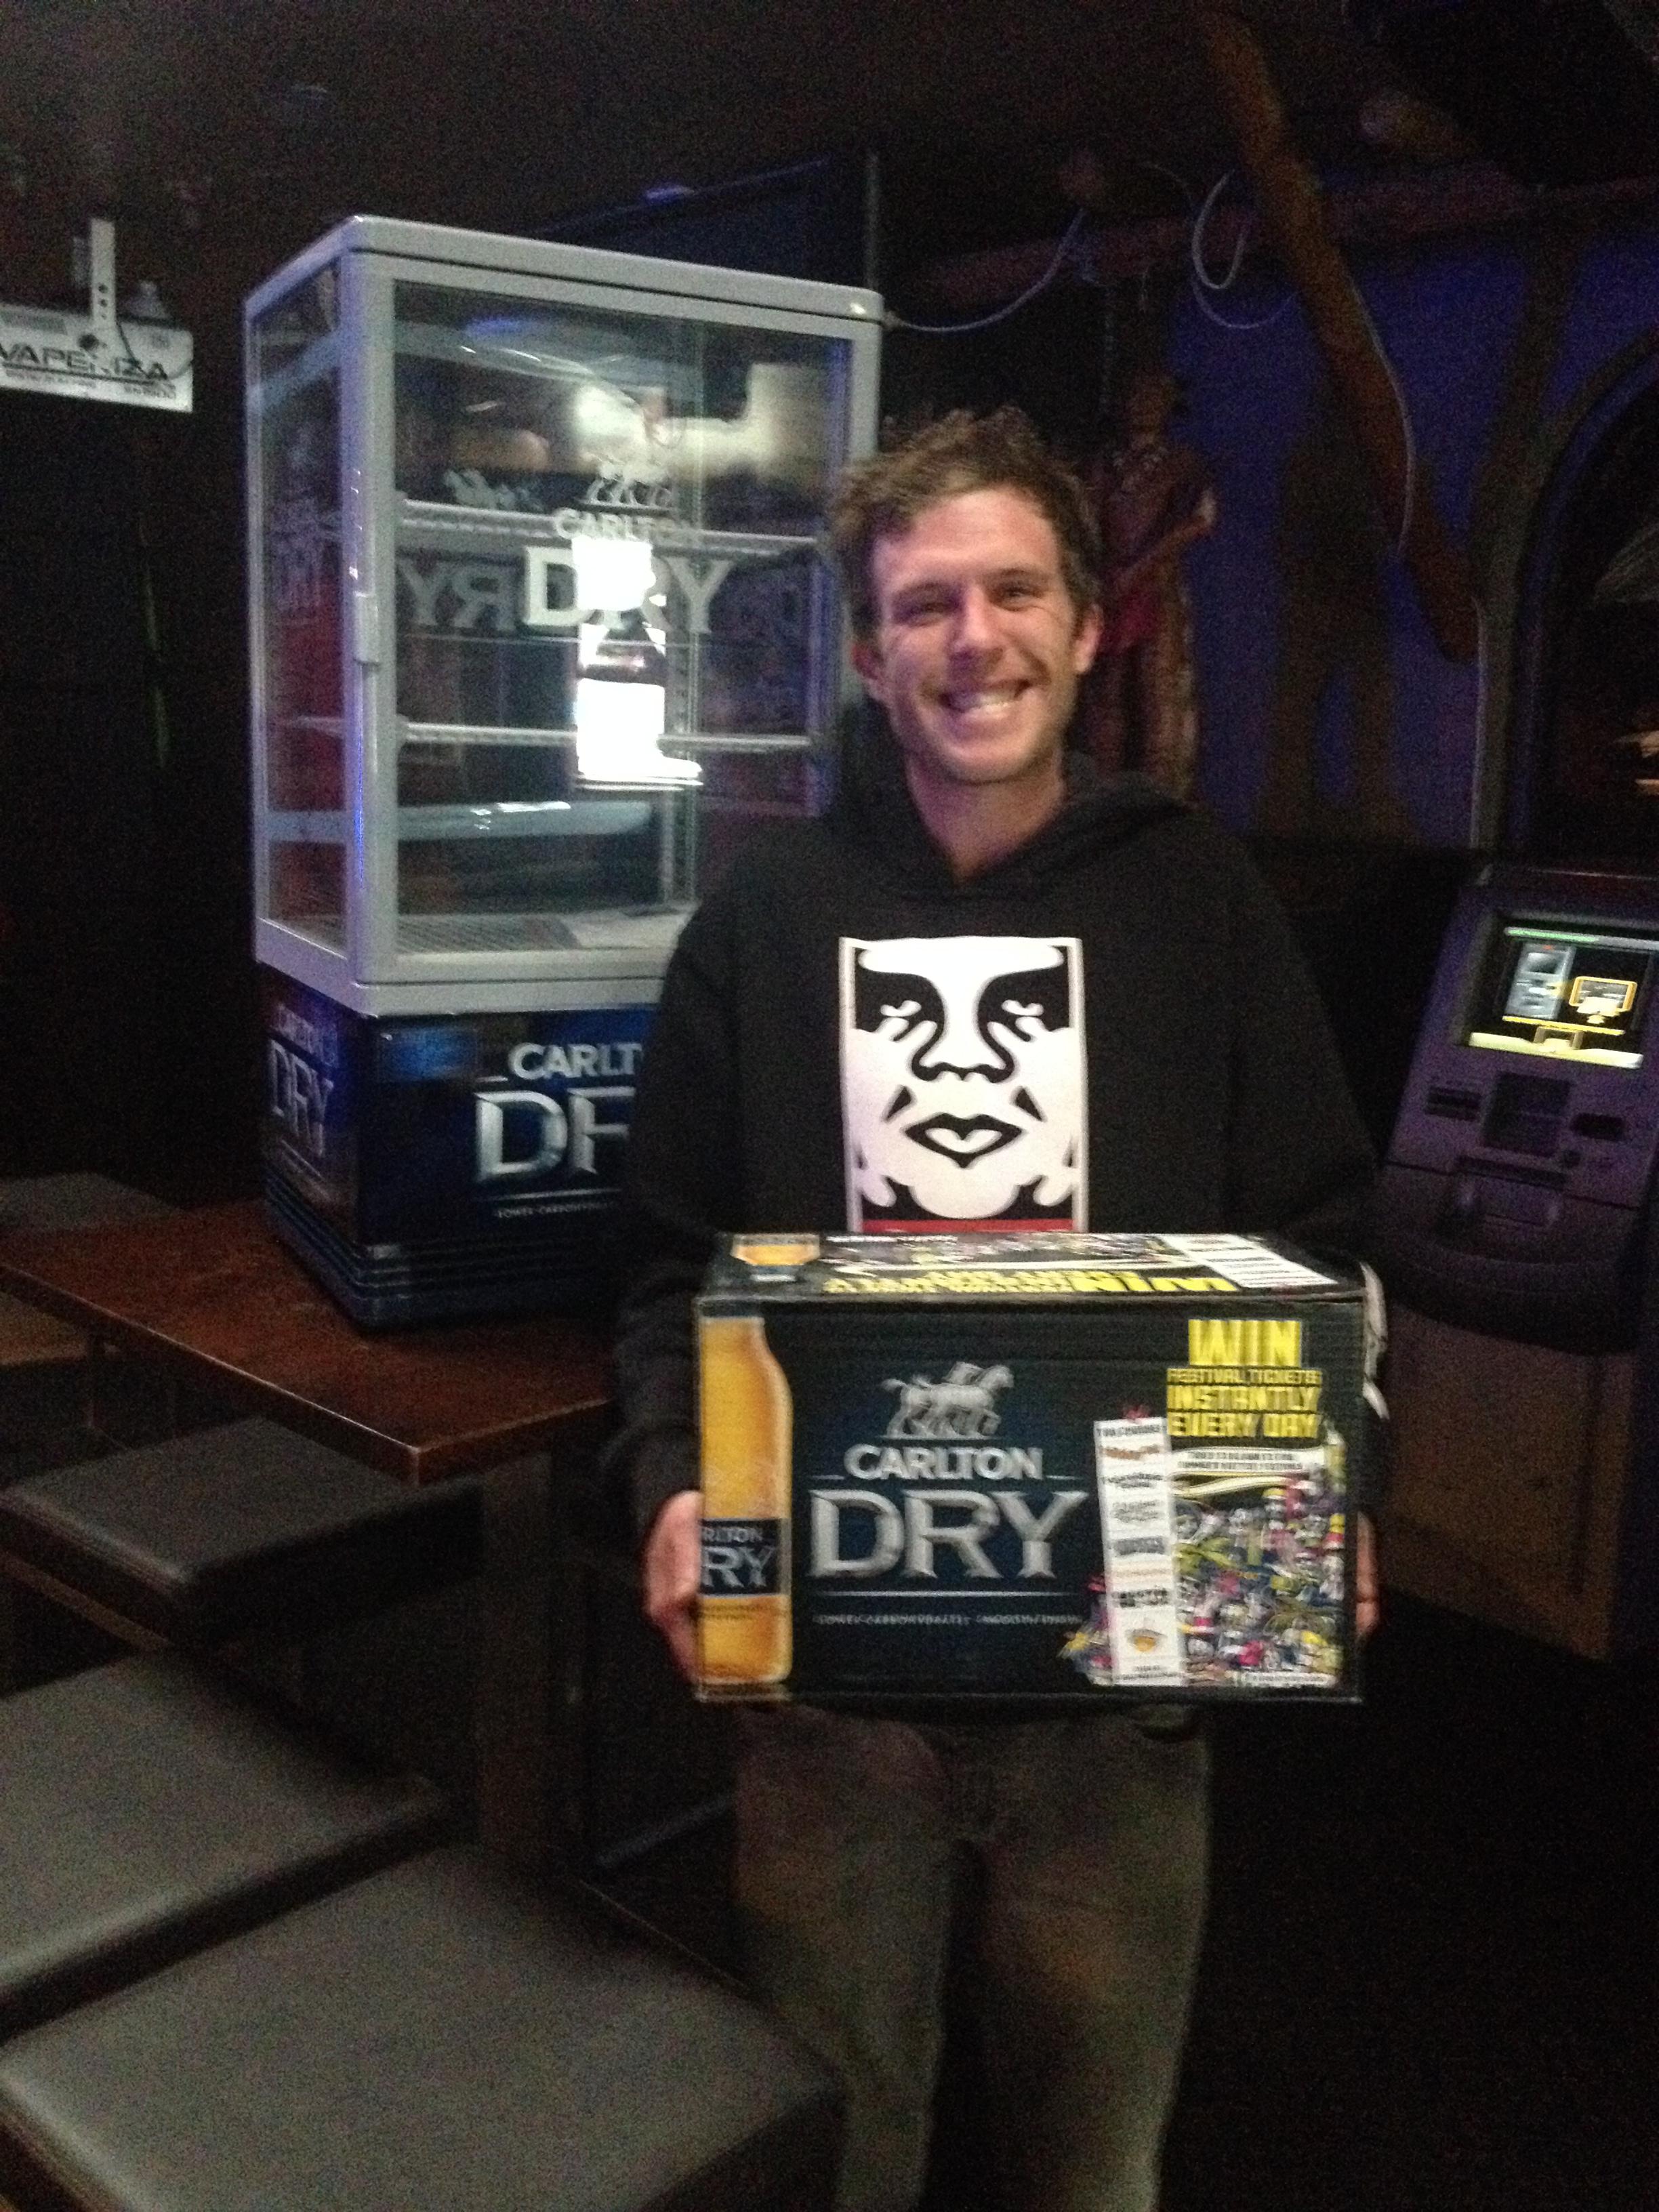 Winner of Carlton Dry Fridge